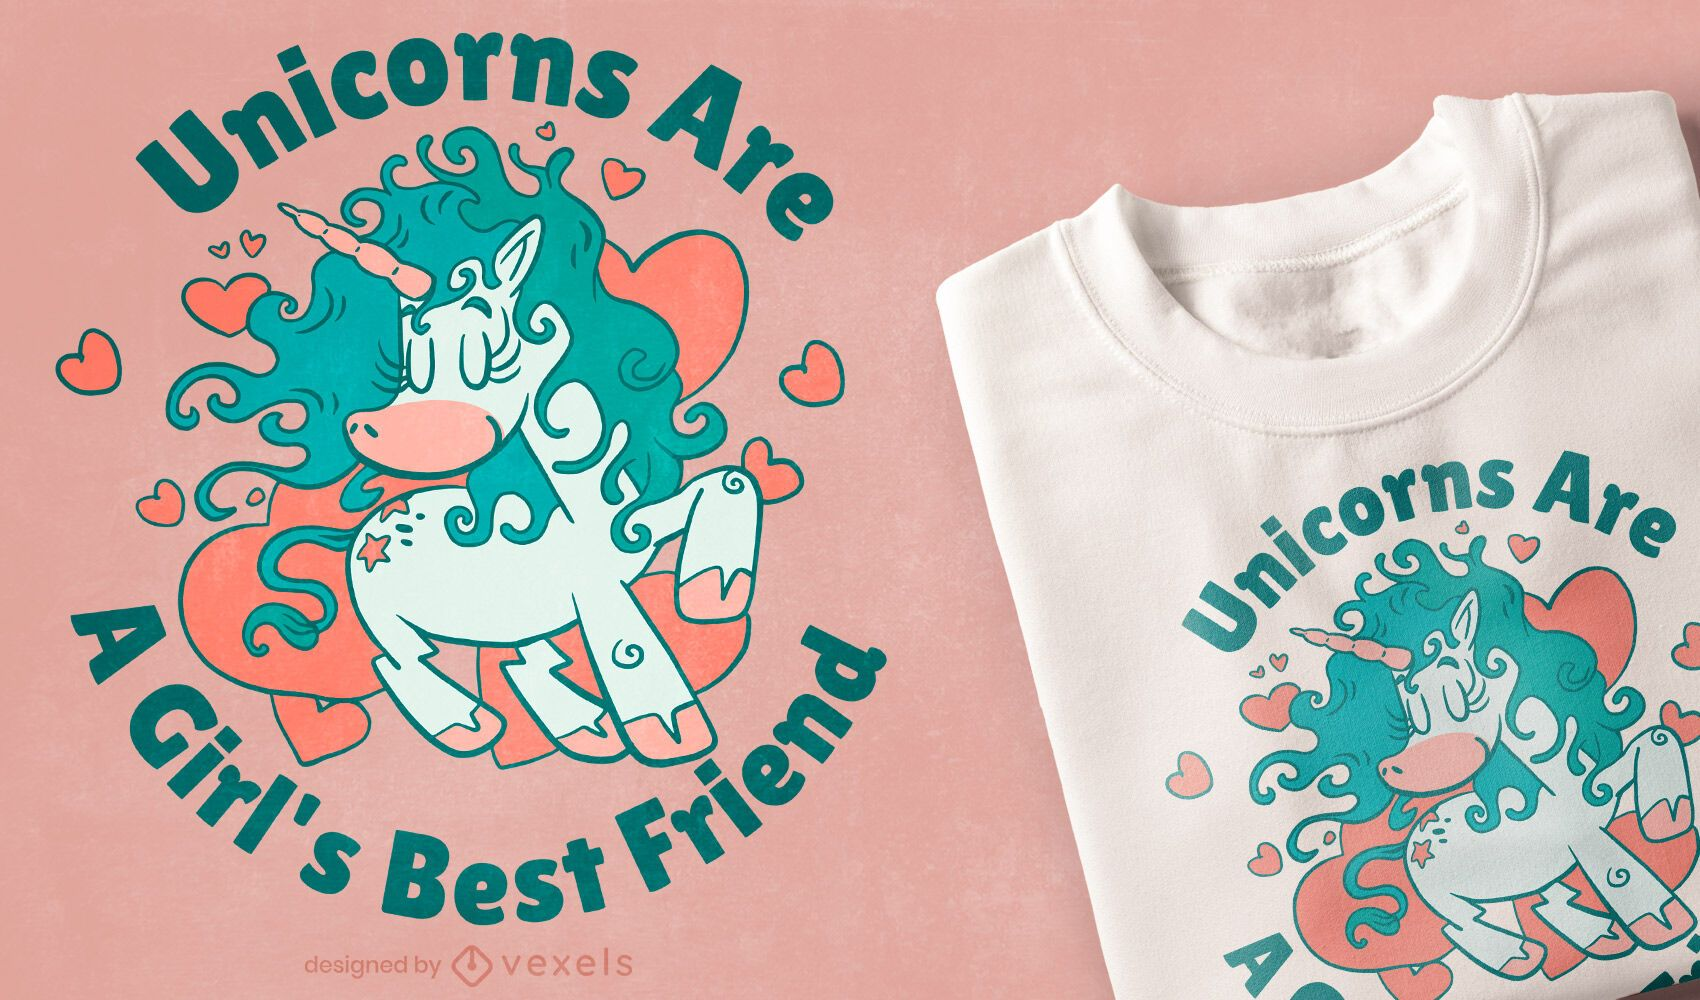 Girl's best friend t-shirt design